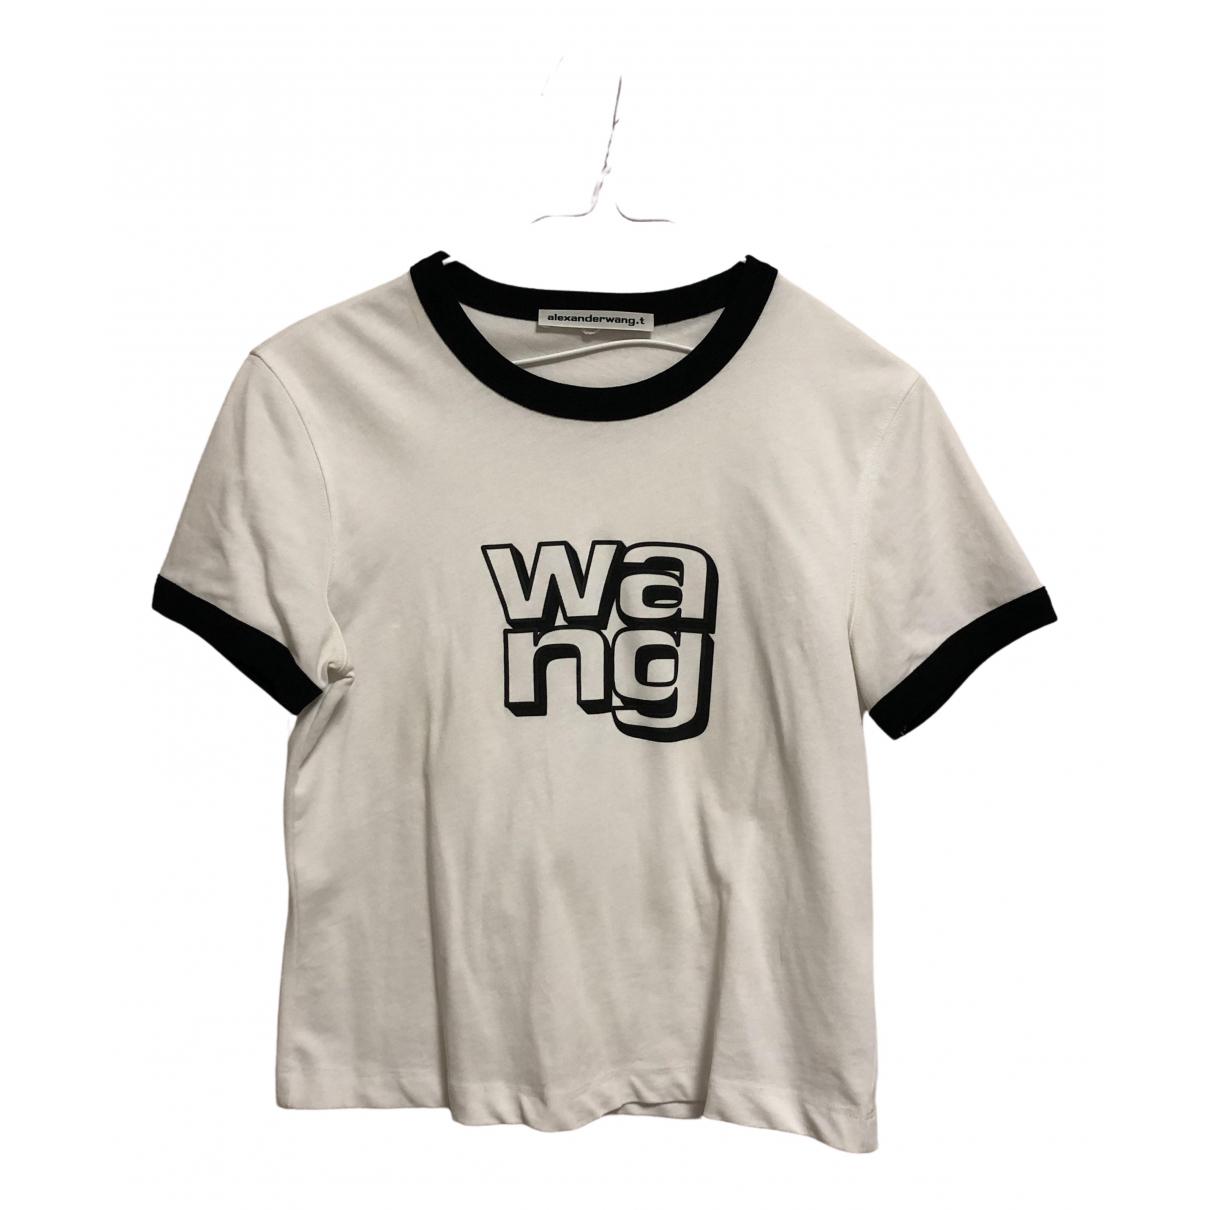 Alexander Wang - Top   pour femme en coton - blanc